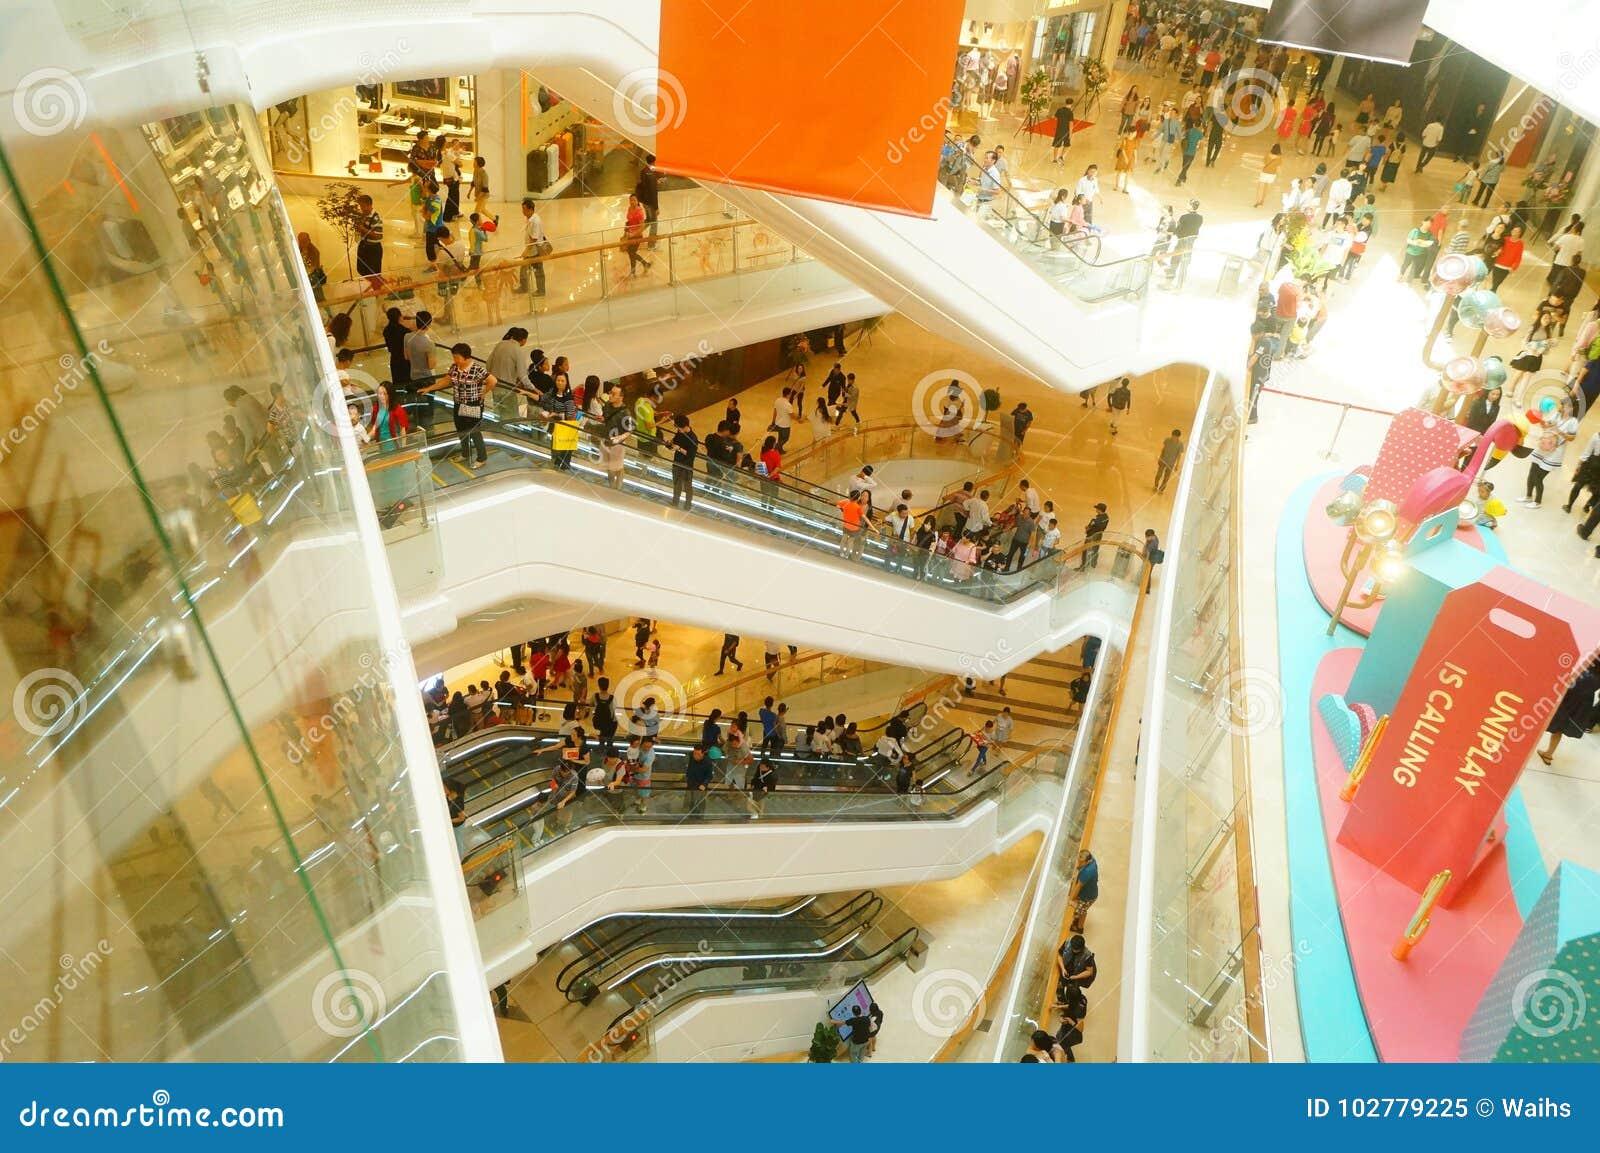 Shenzhen Kina: öppnade stora shoppinggallerior och många personer deltog i öppningscermonin